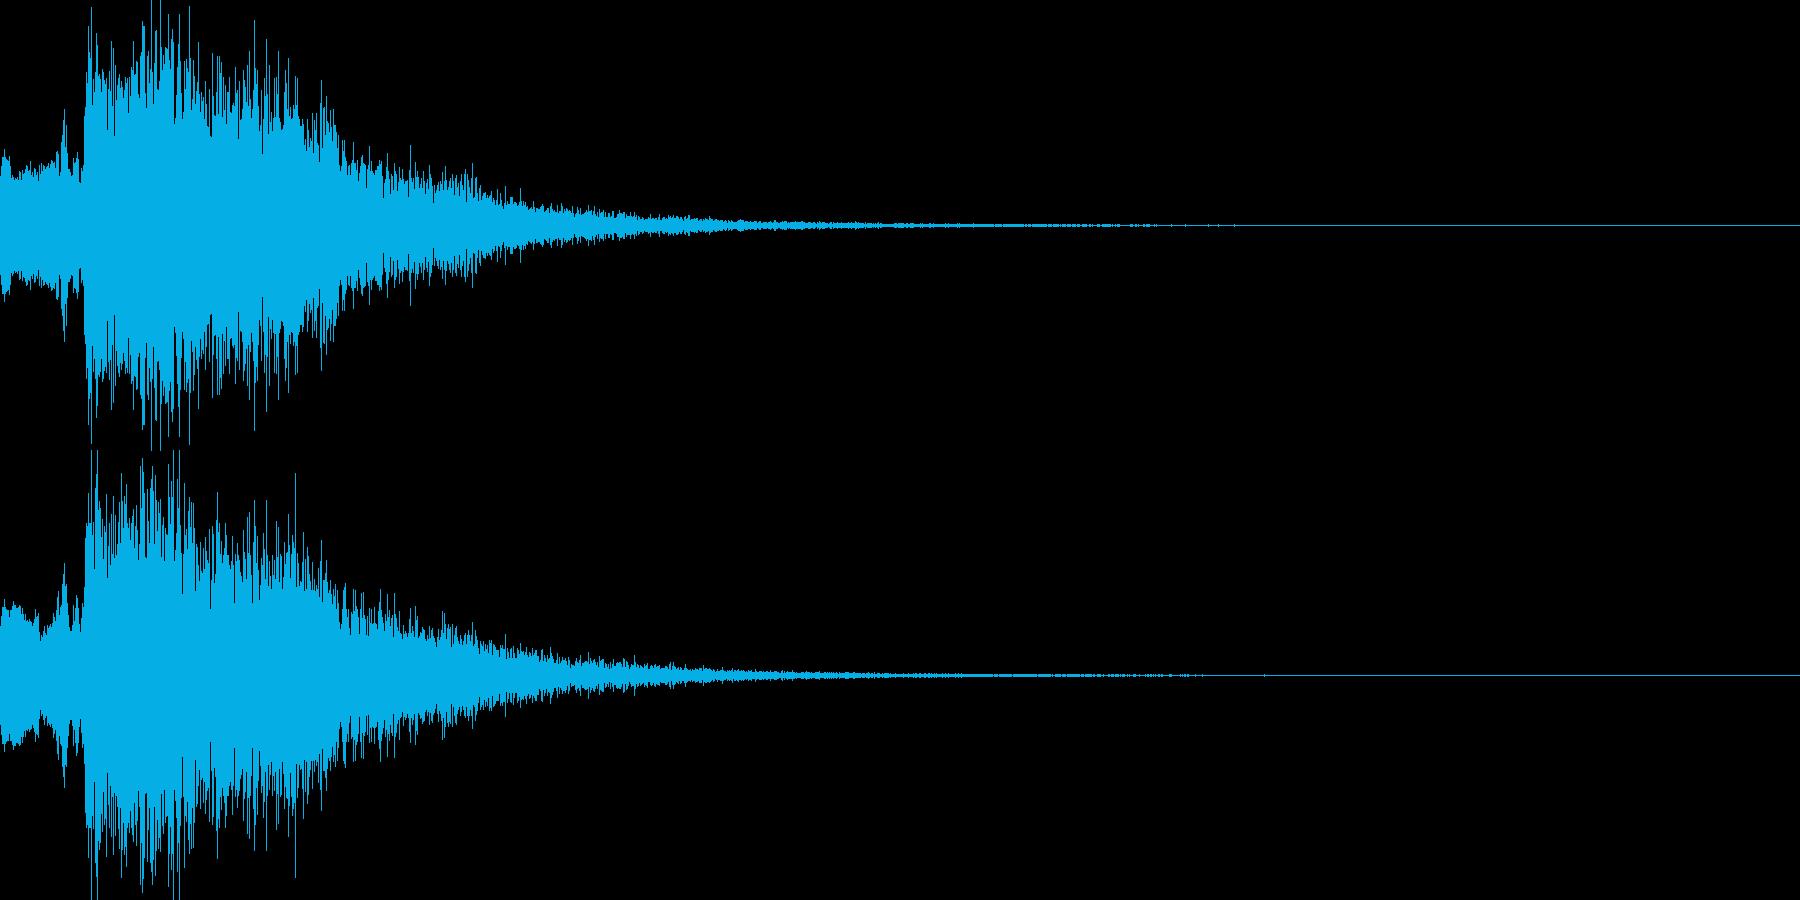 魔法音07_Aの再生済みの波形